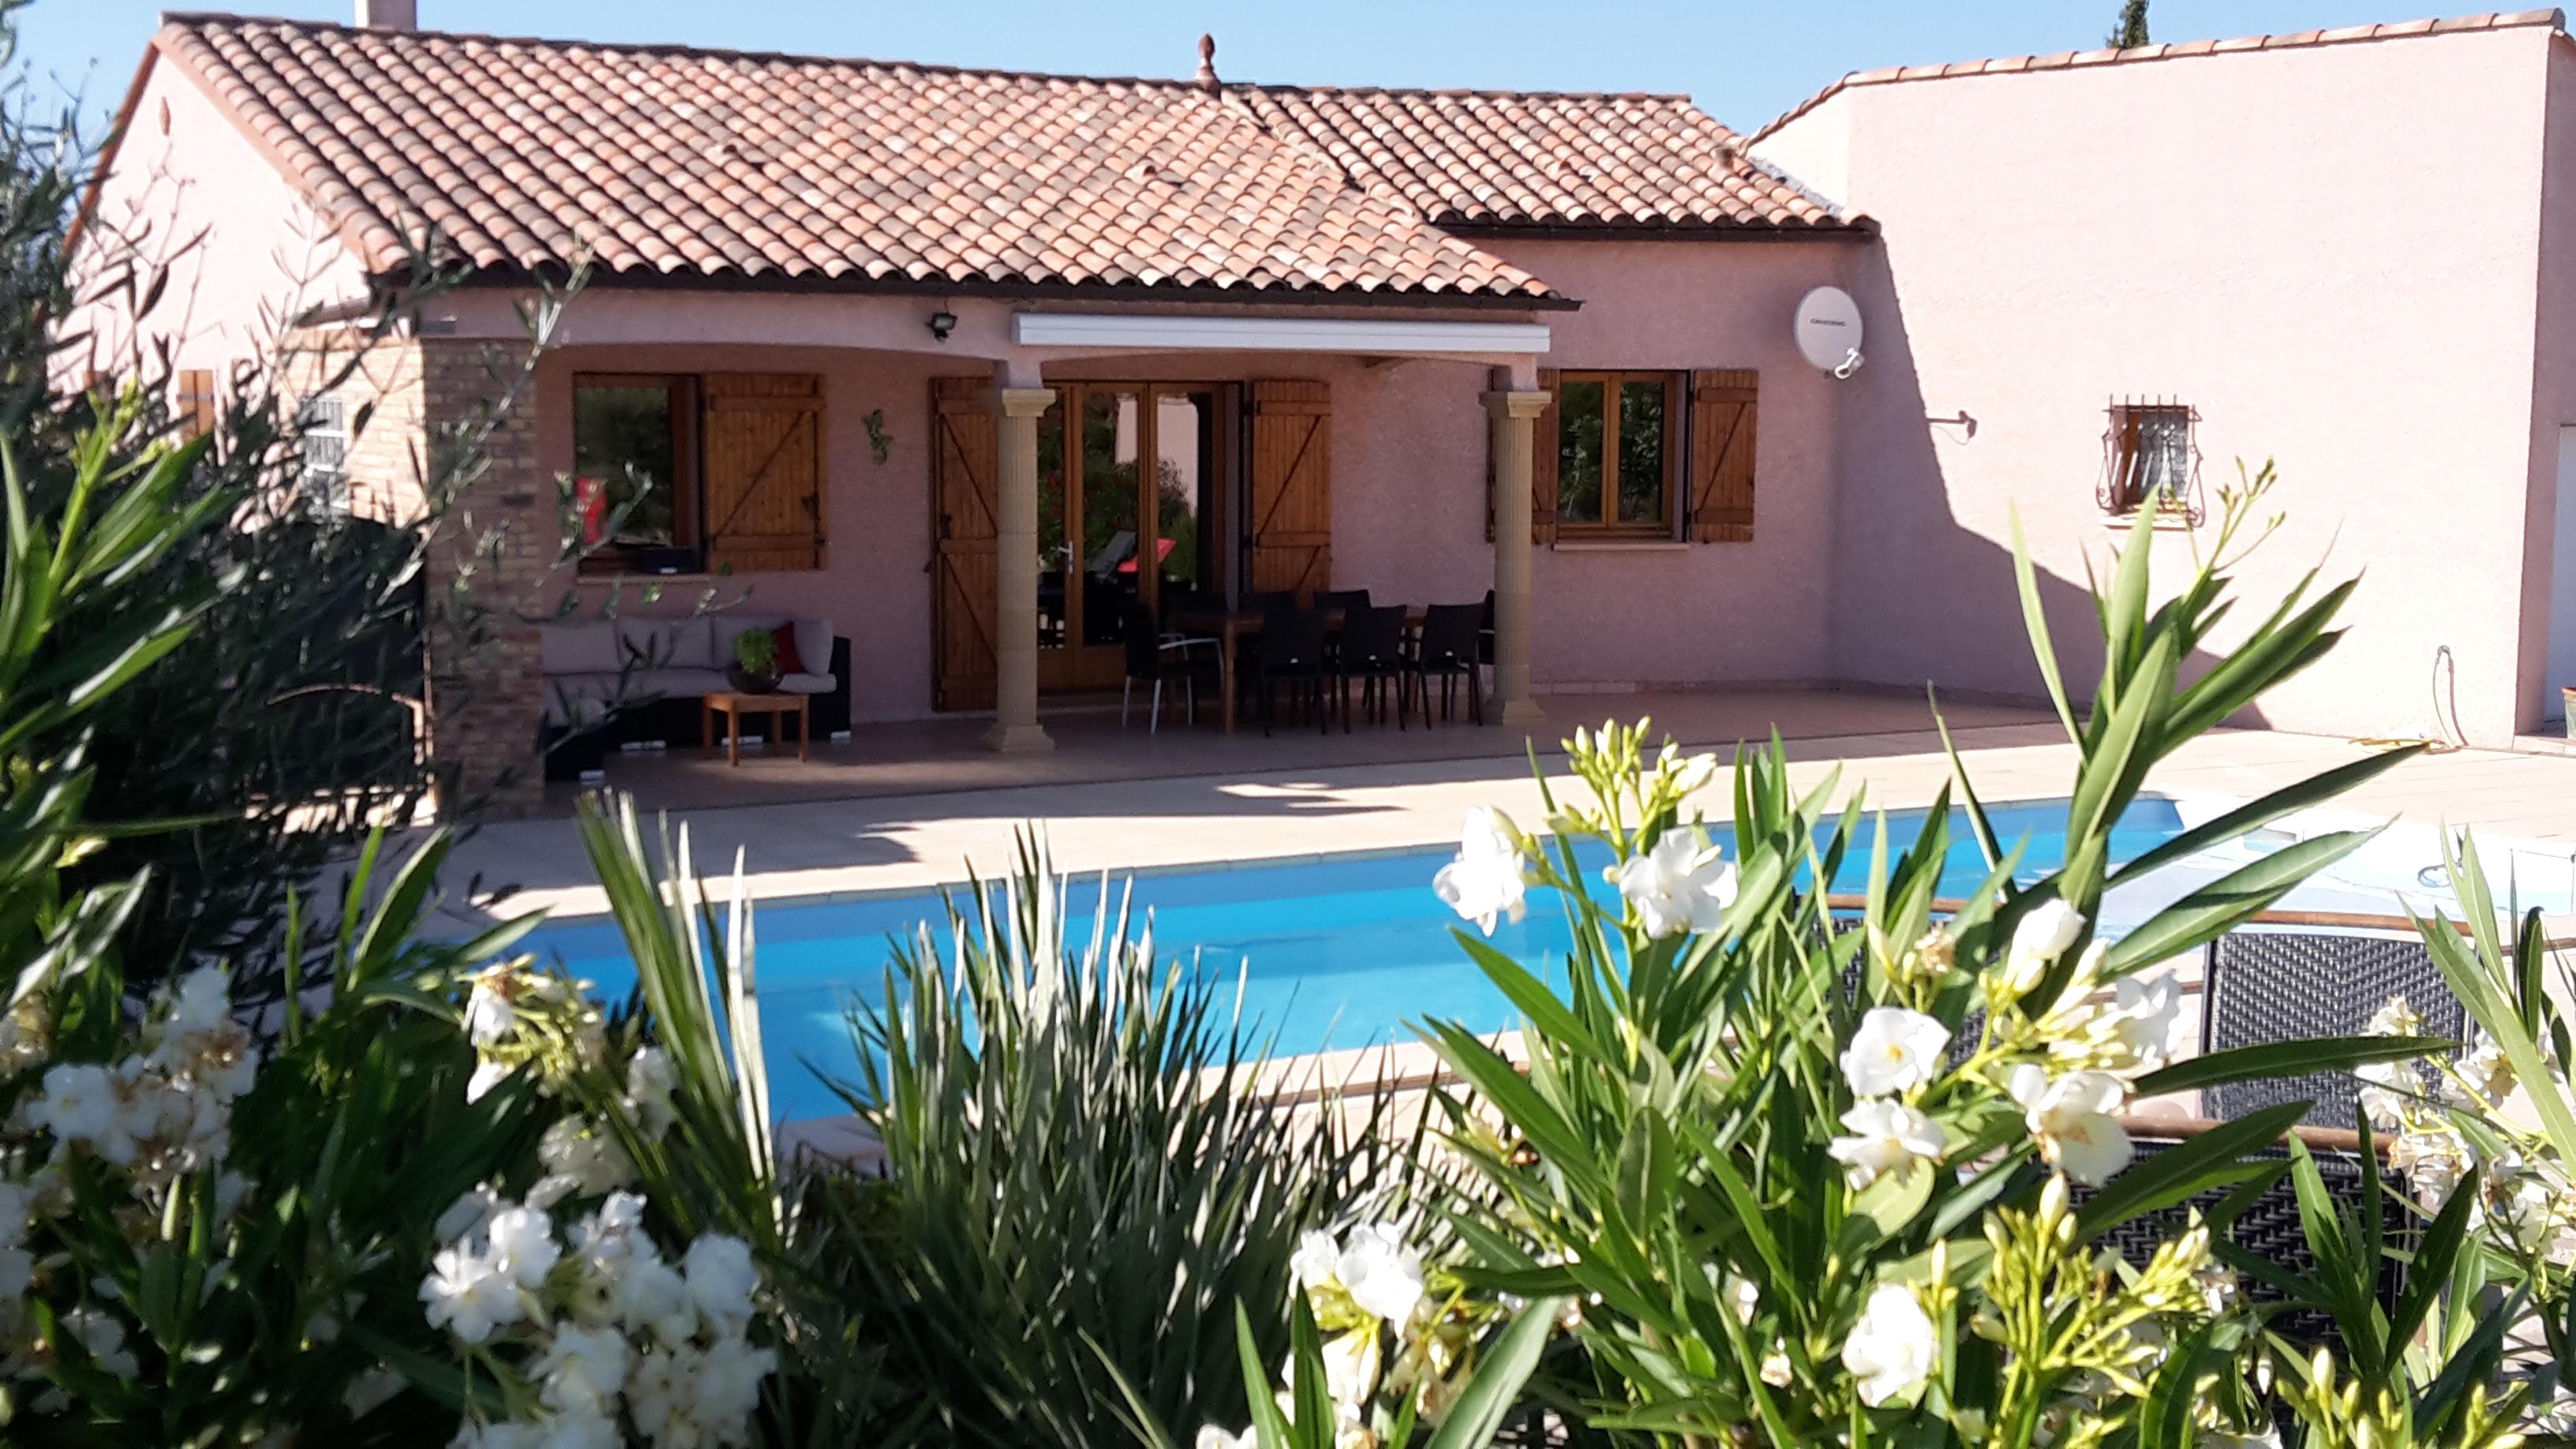 Vakantiehuis zuid Frankrijk privé verwarmd zwembad.